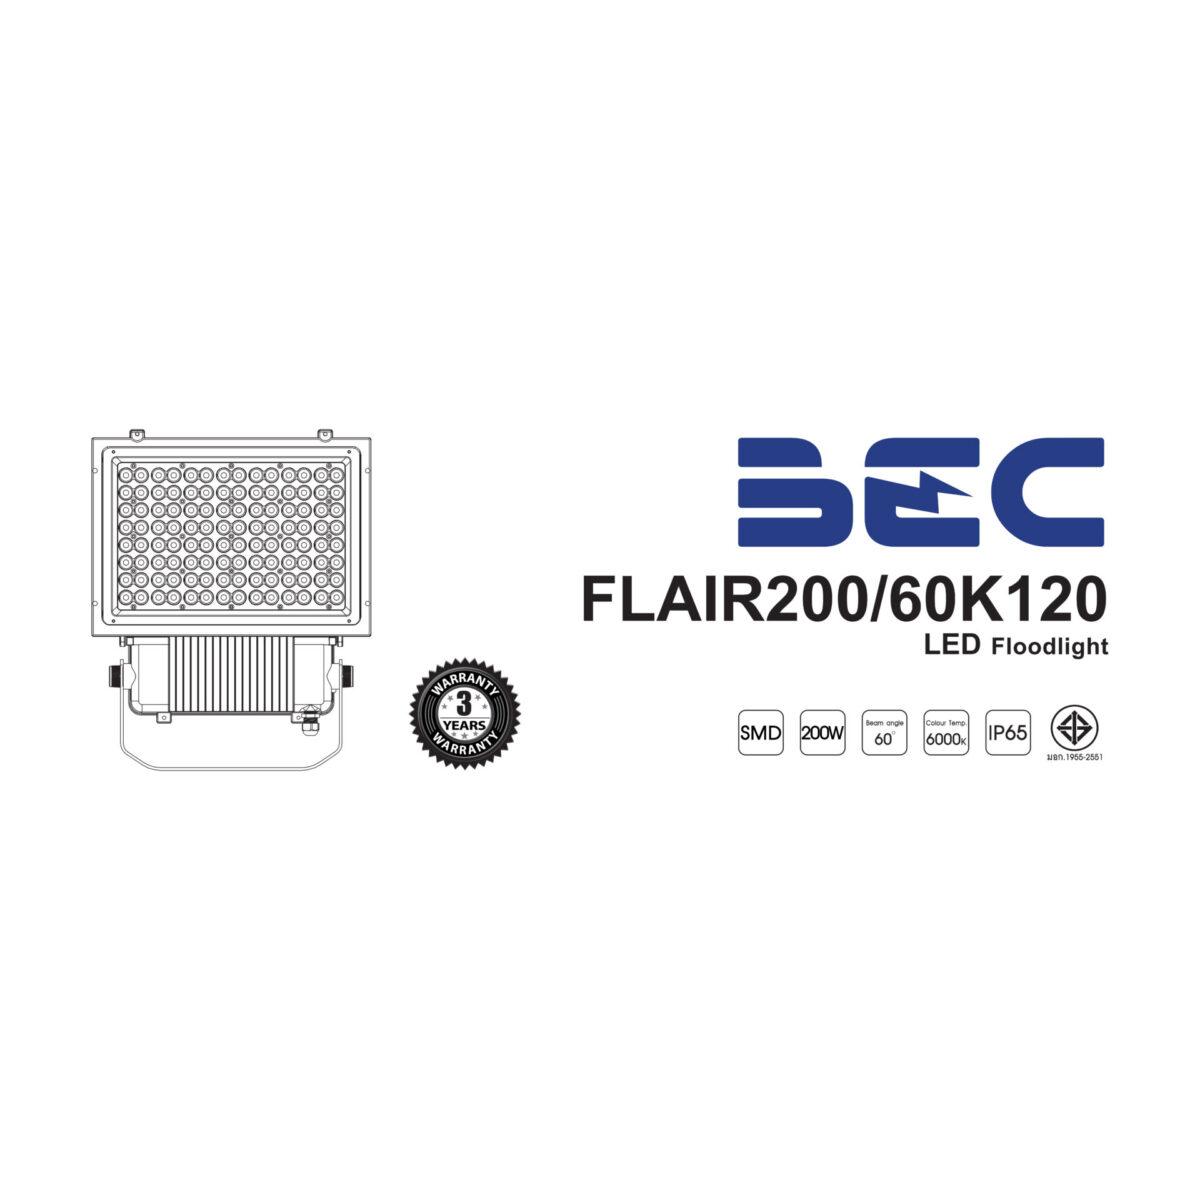 โคมไฟฟลัดไลท์ LED รุ่น Flair